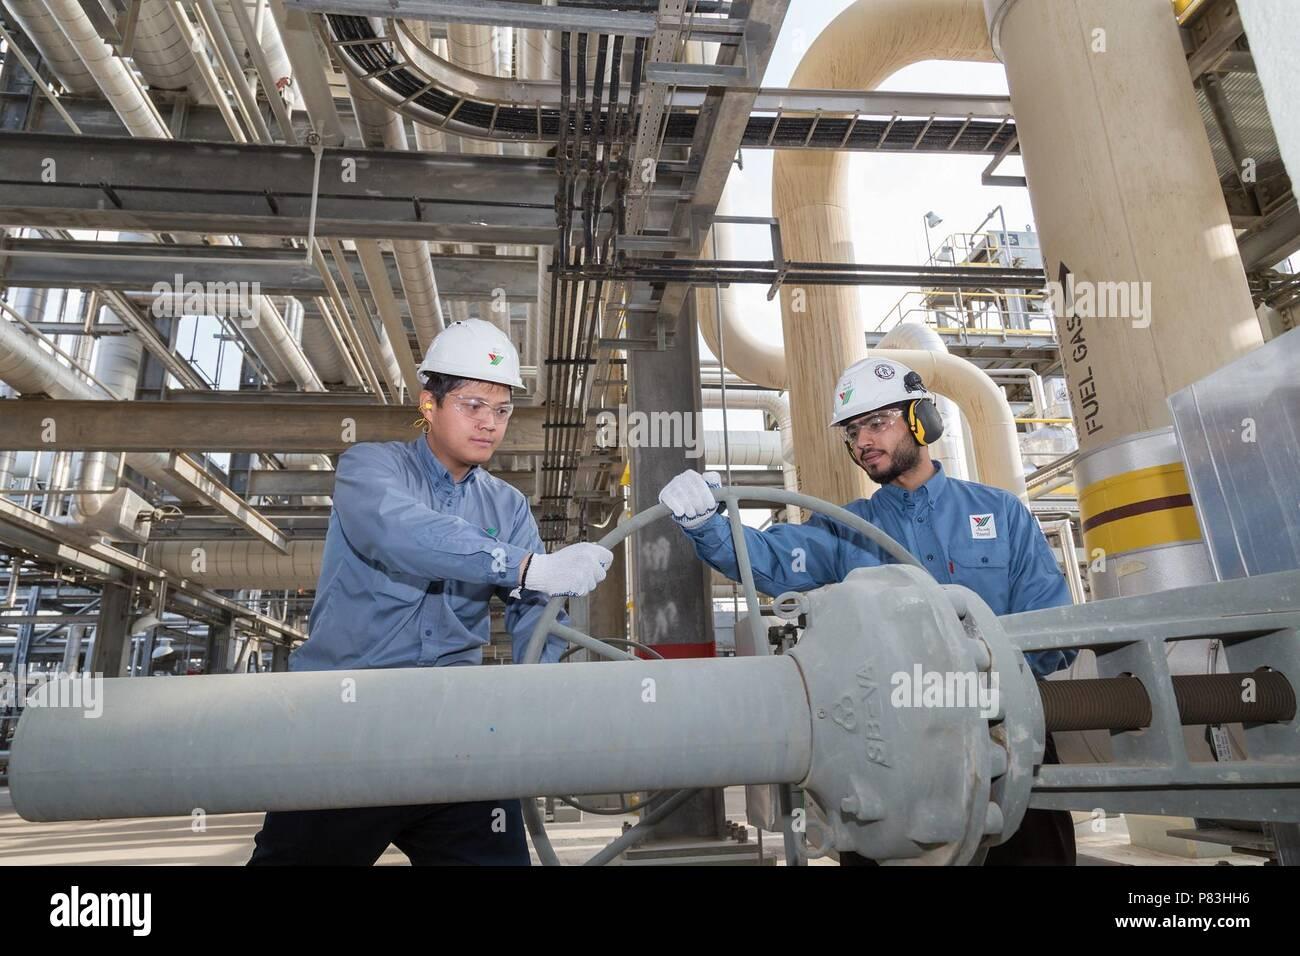 Saudi Aramco Stock Photos & Saudi Aramco Stock Images - Alamy